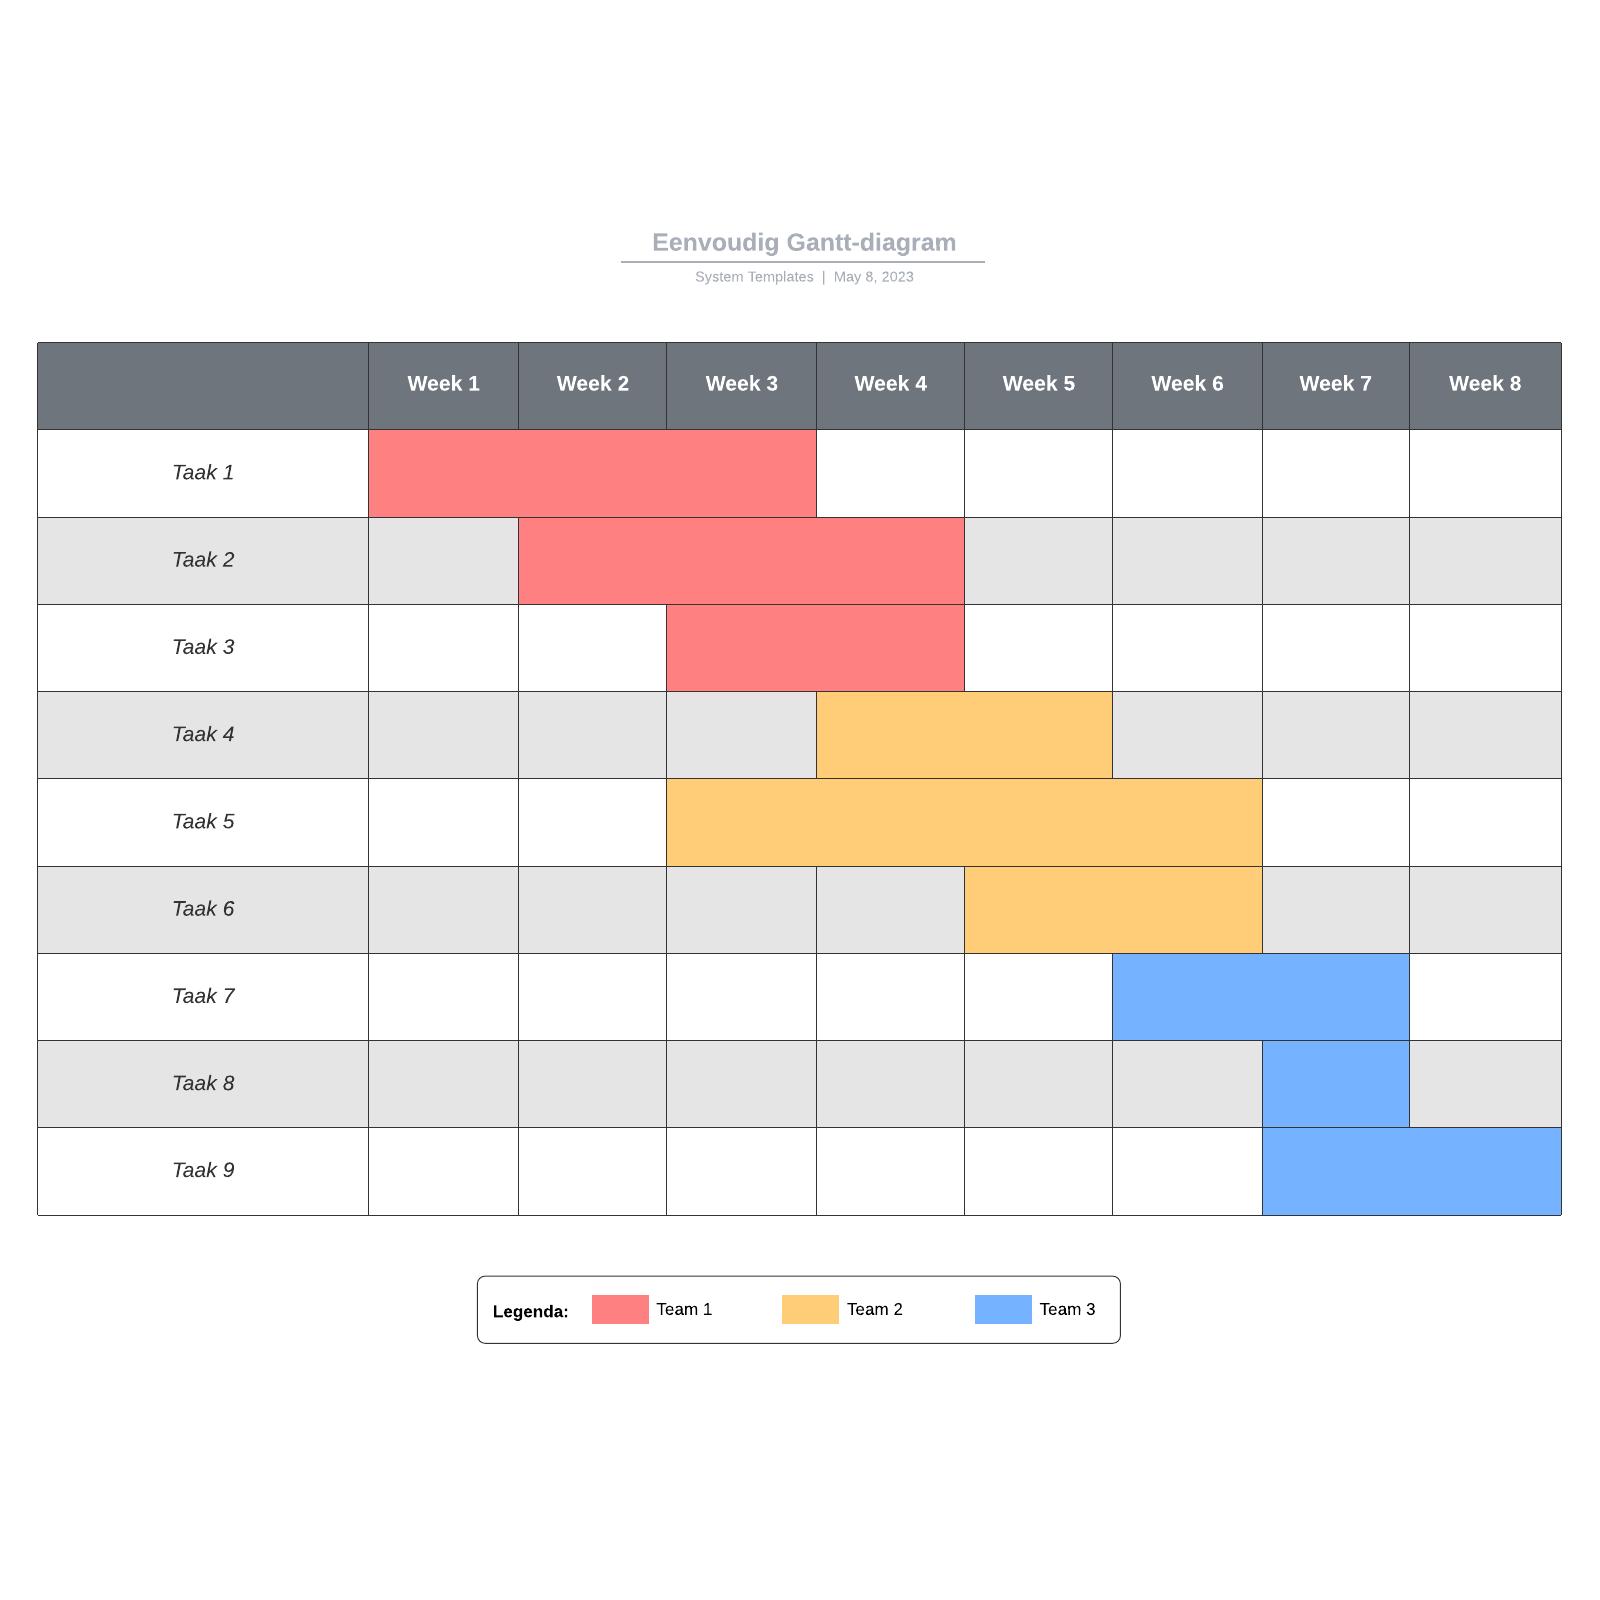 Eenvoudig Gantt-diagram